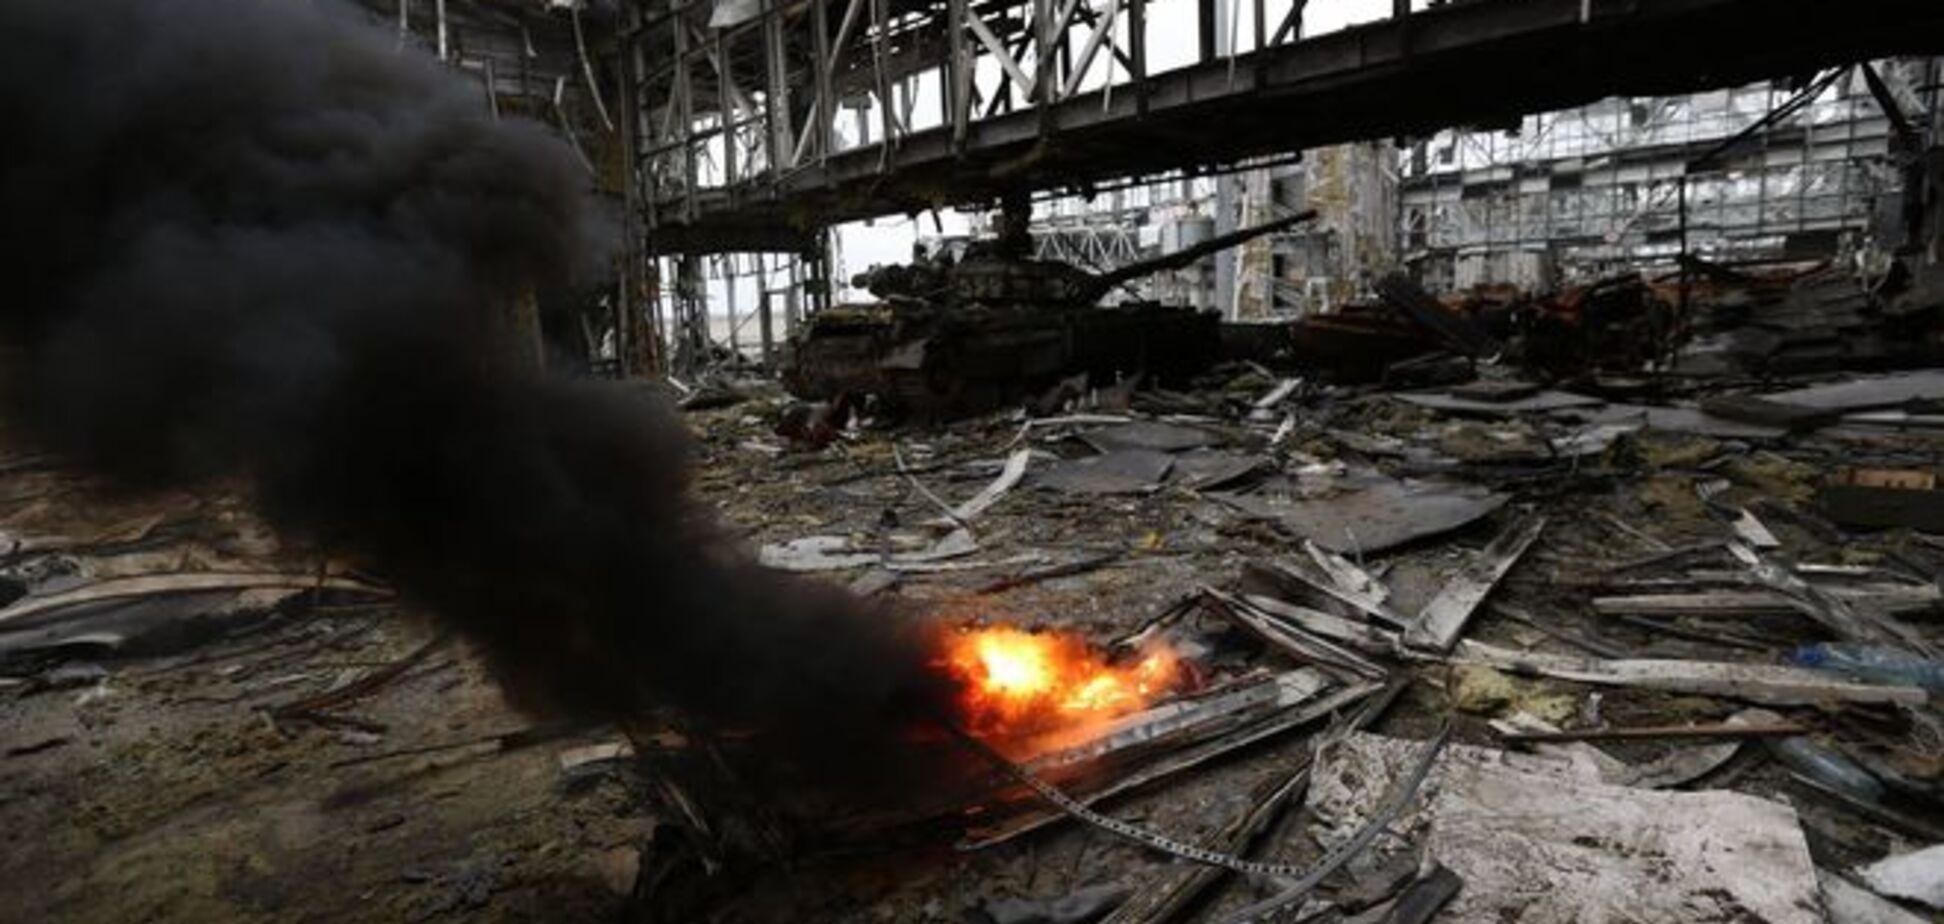 В день рождения Путина террористы штурмовали донецкий аэропорт как зомби - киборг